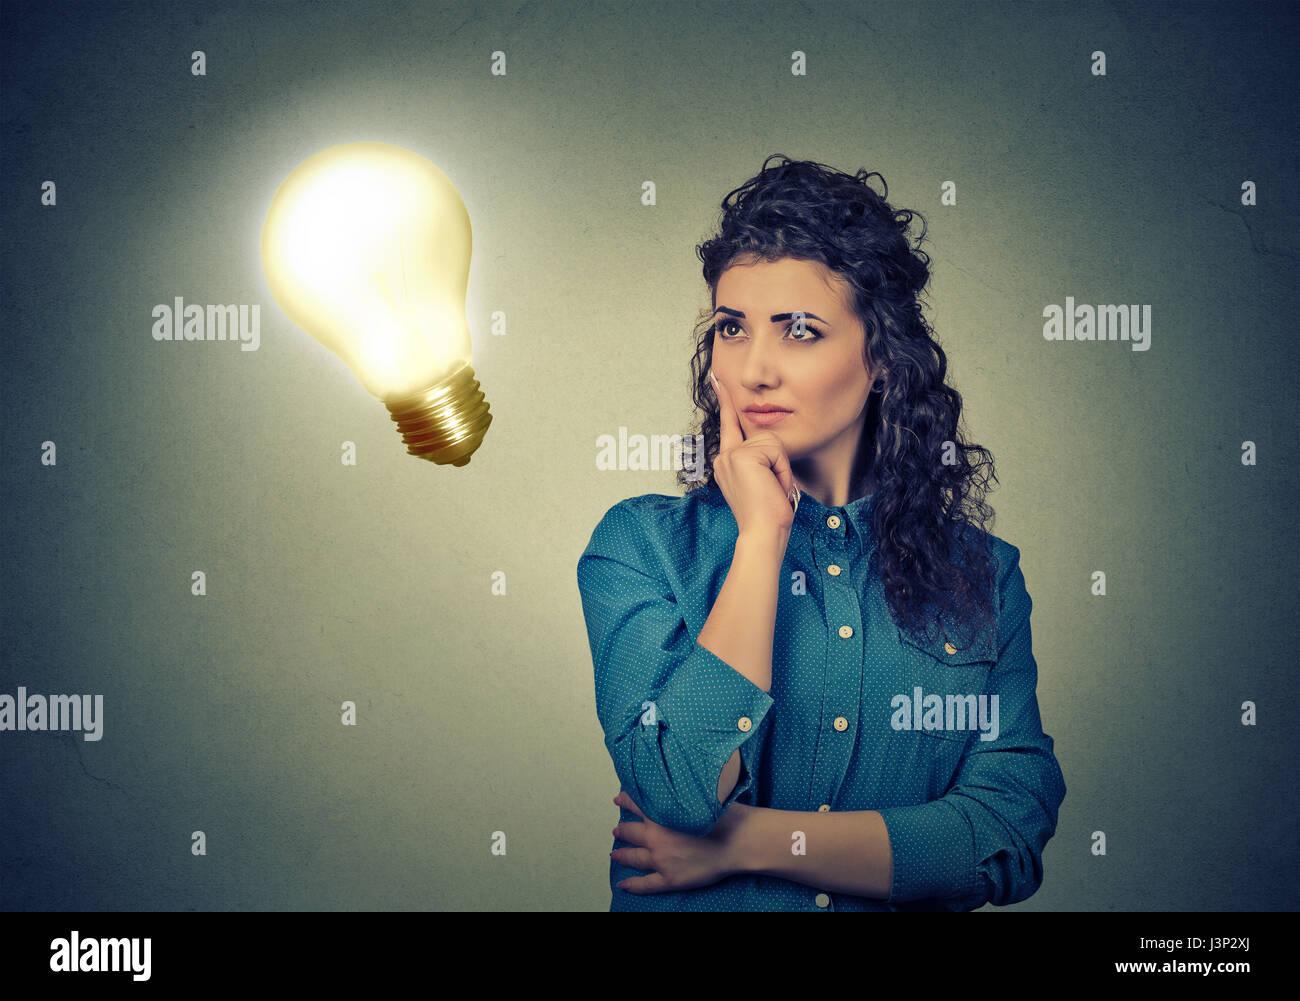 Closeup bellissima ragazza pensa guardando il brillante lampadina luce isolata sul muro grigio Sfondo. Idea, l educazione Immagini Stock